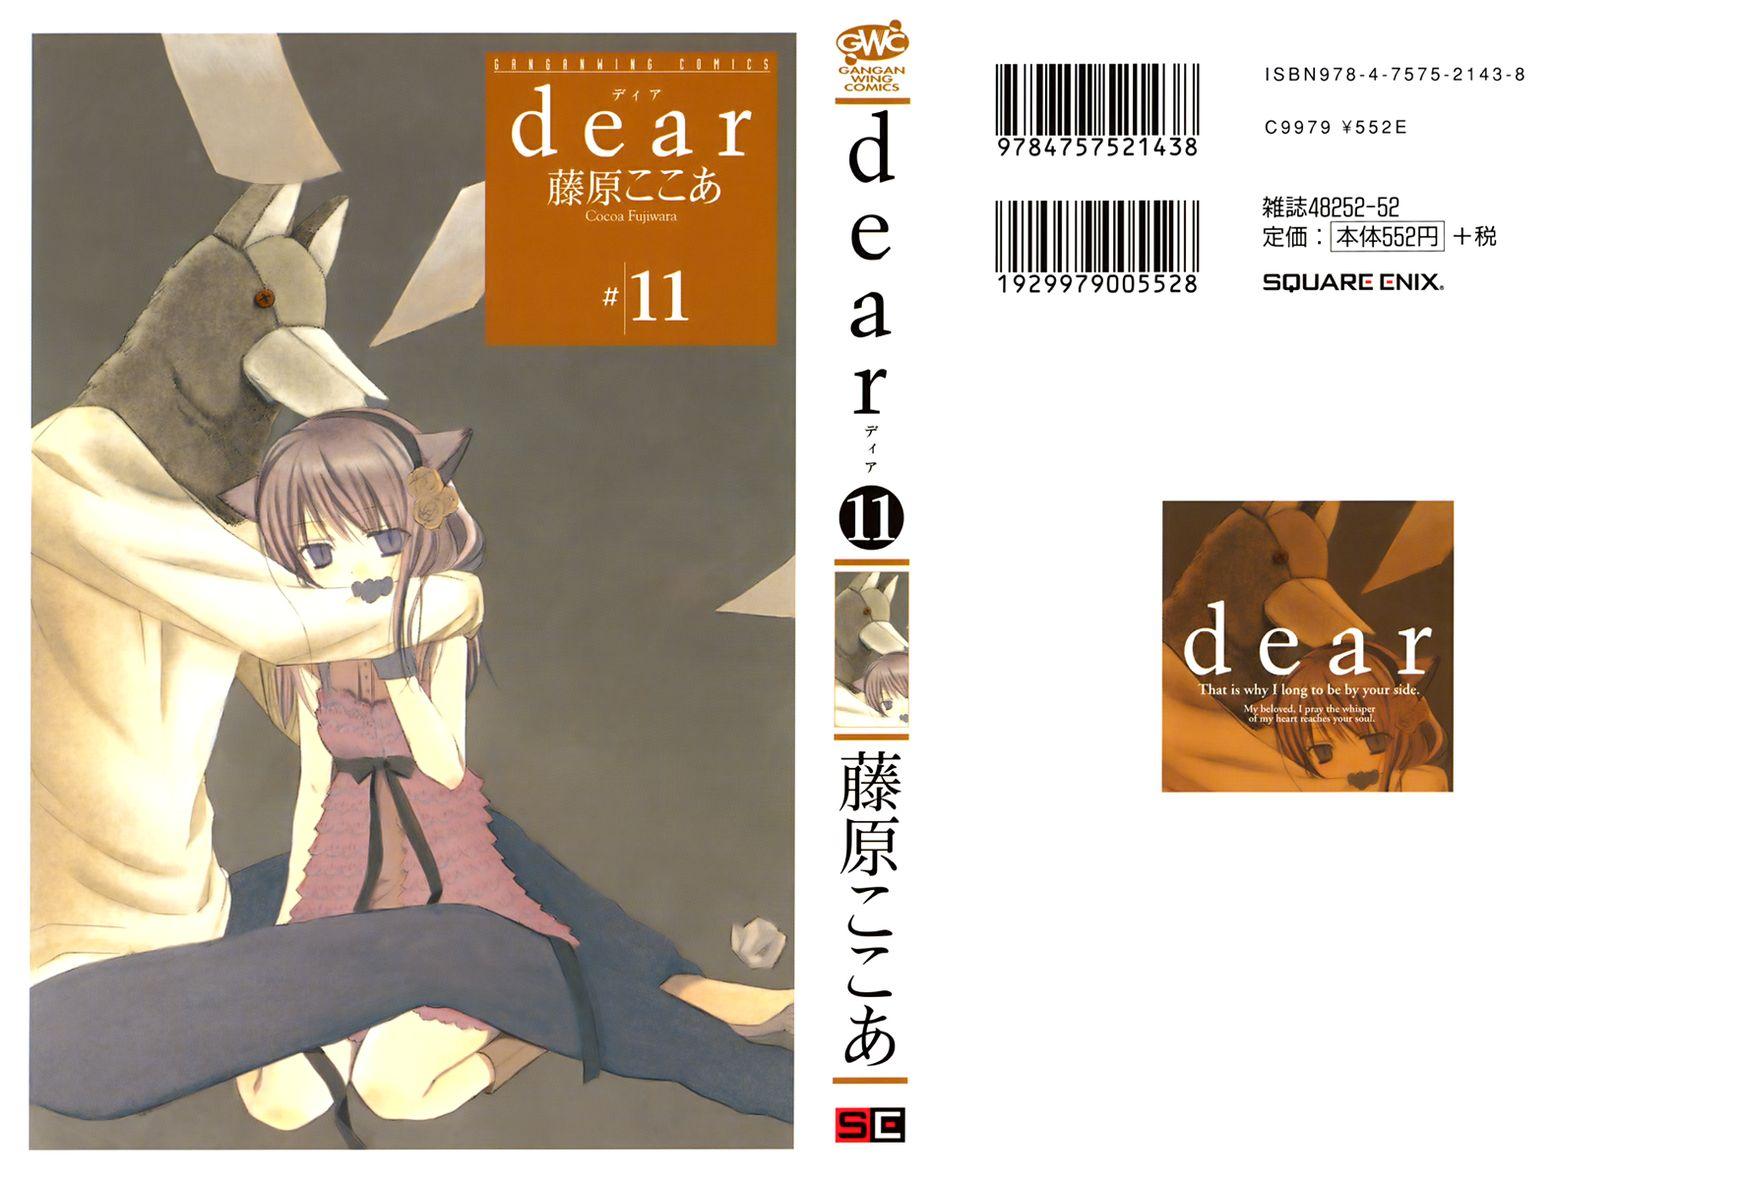 Dear 52 Page 1